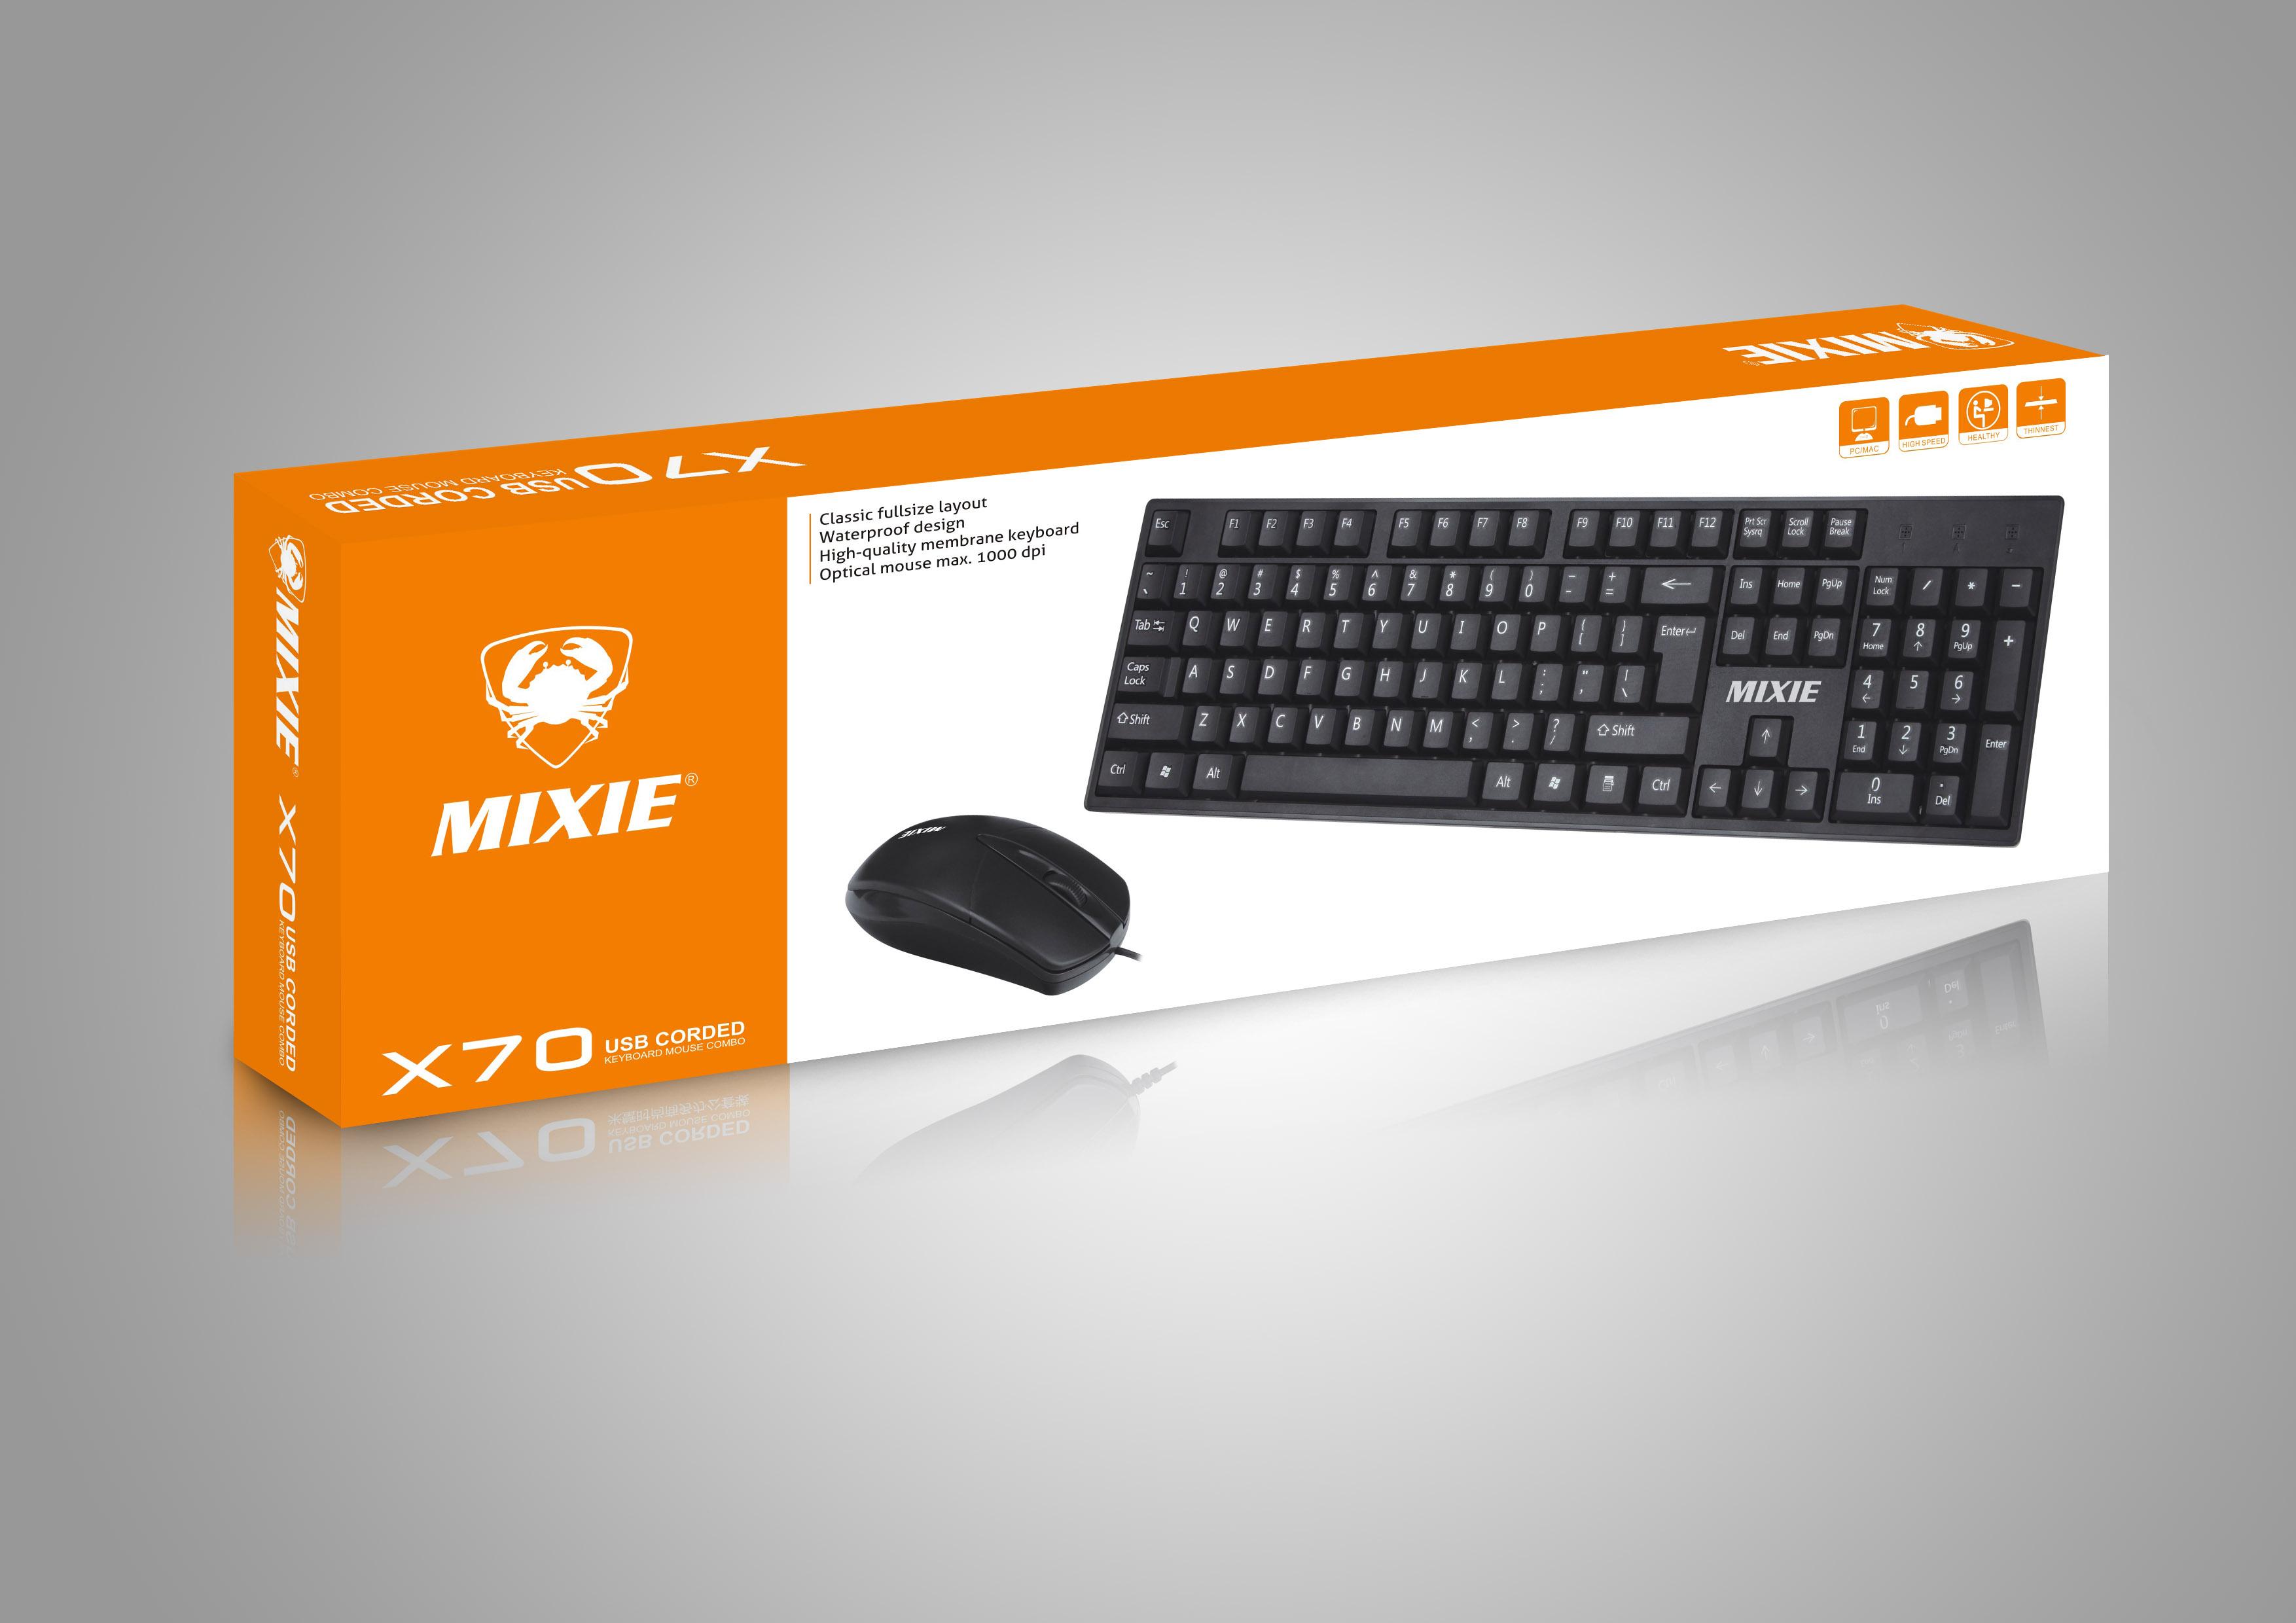 米蟹X6 X7 USB有线键盘X70游戏办公家用台式机电脑笔记本键鼠套装